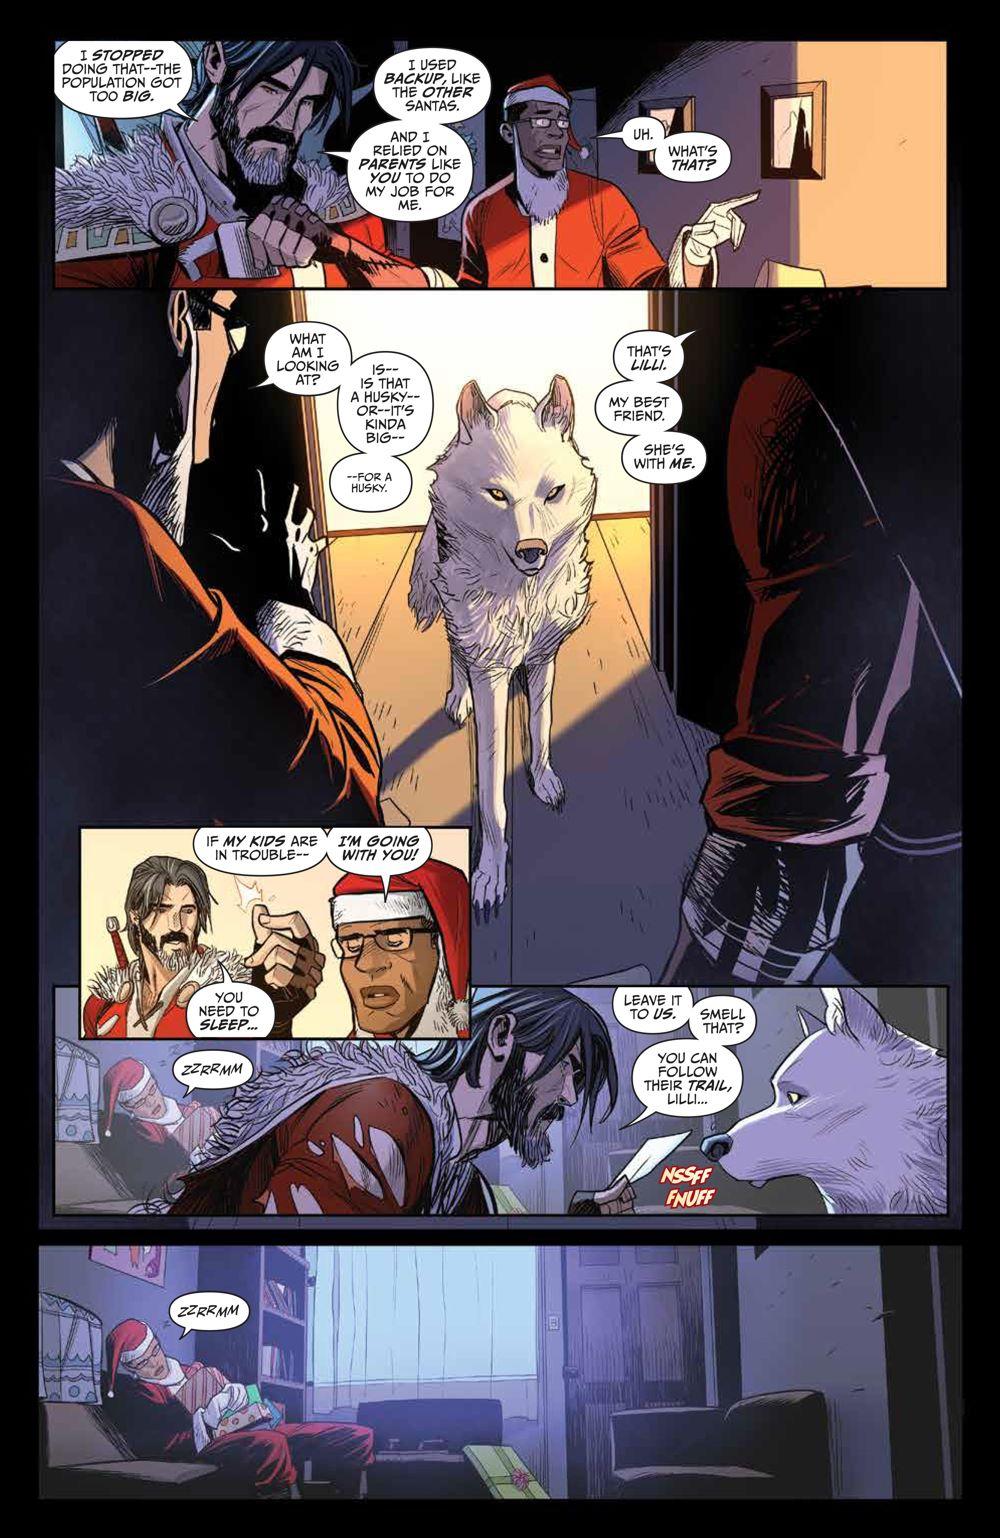 Klaus_NewAdventures_SC_PRESS_15 ComicList Previews: KLAUS THE NEW ADVENTURES OF SANTA CLAUS GN